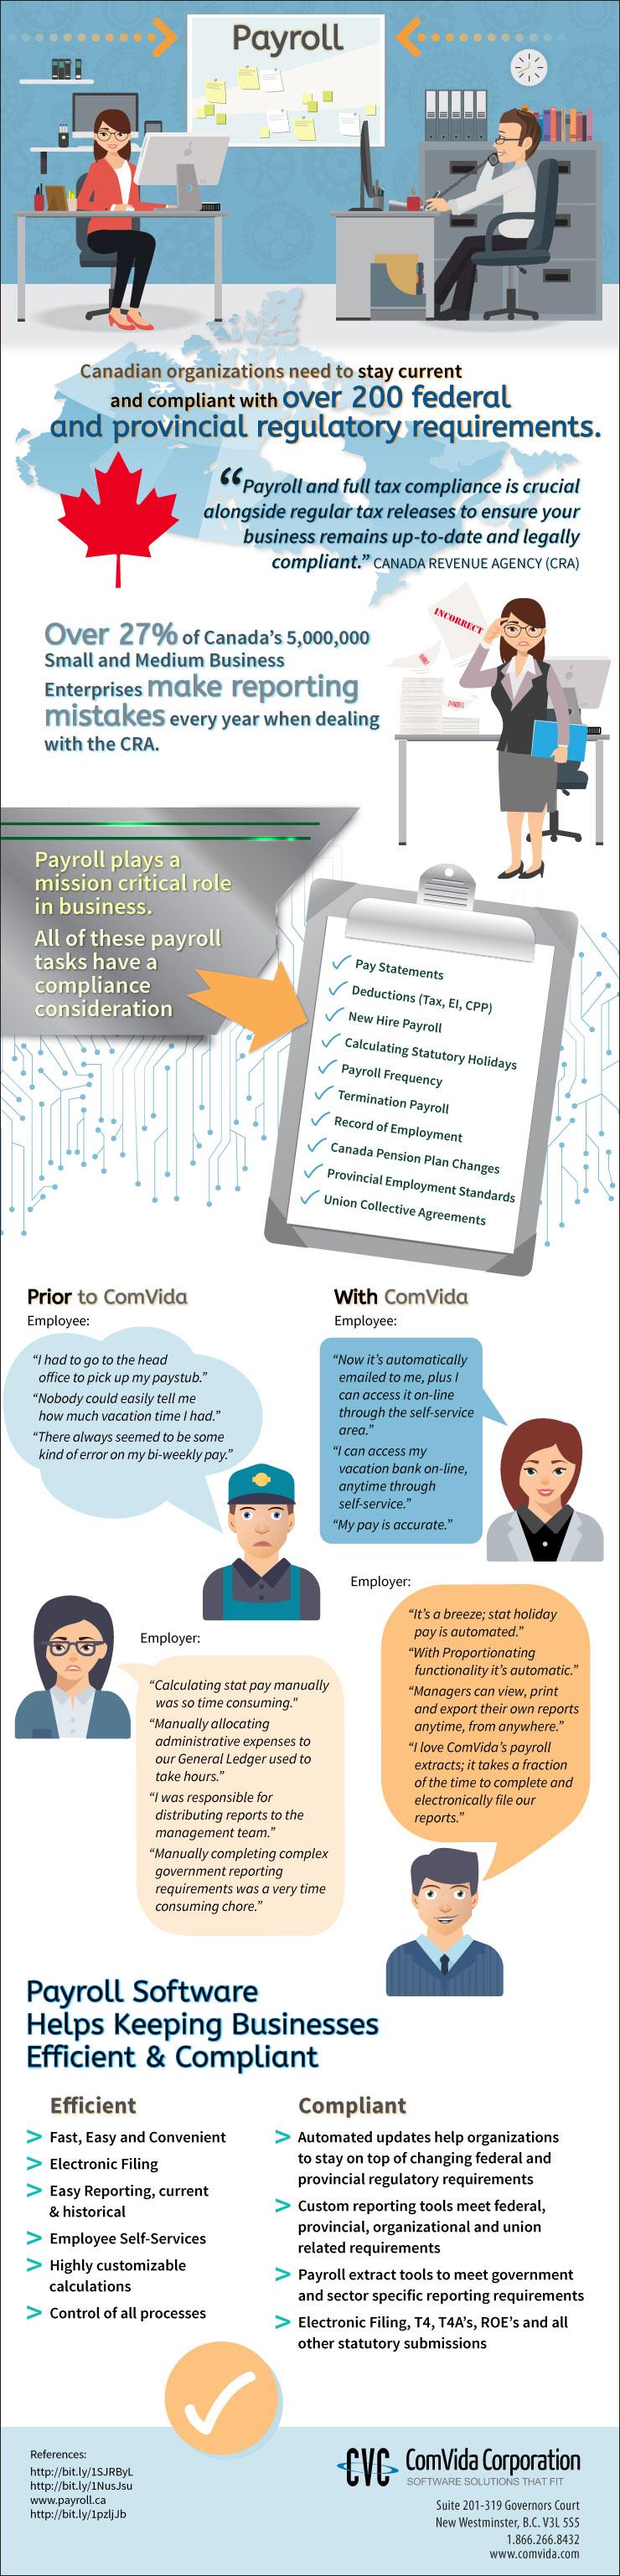 Comvida-Payroll-Software